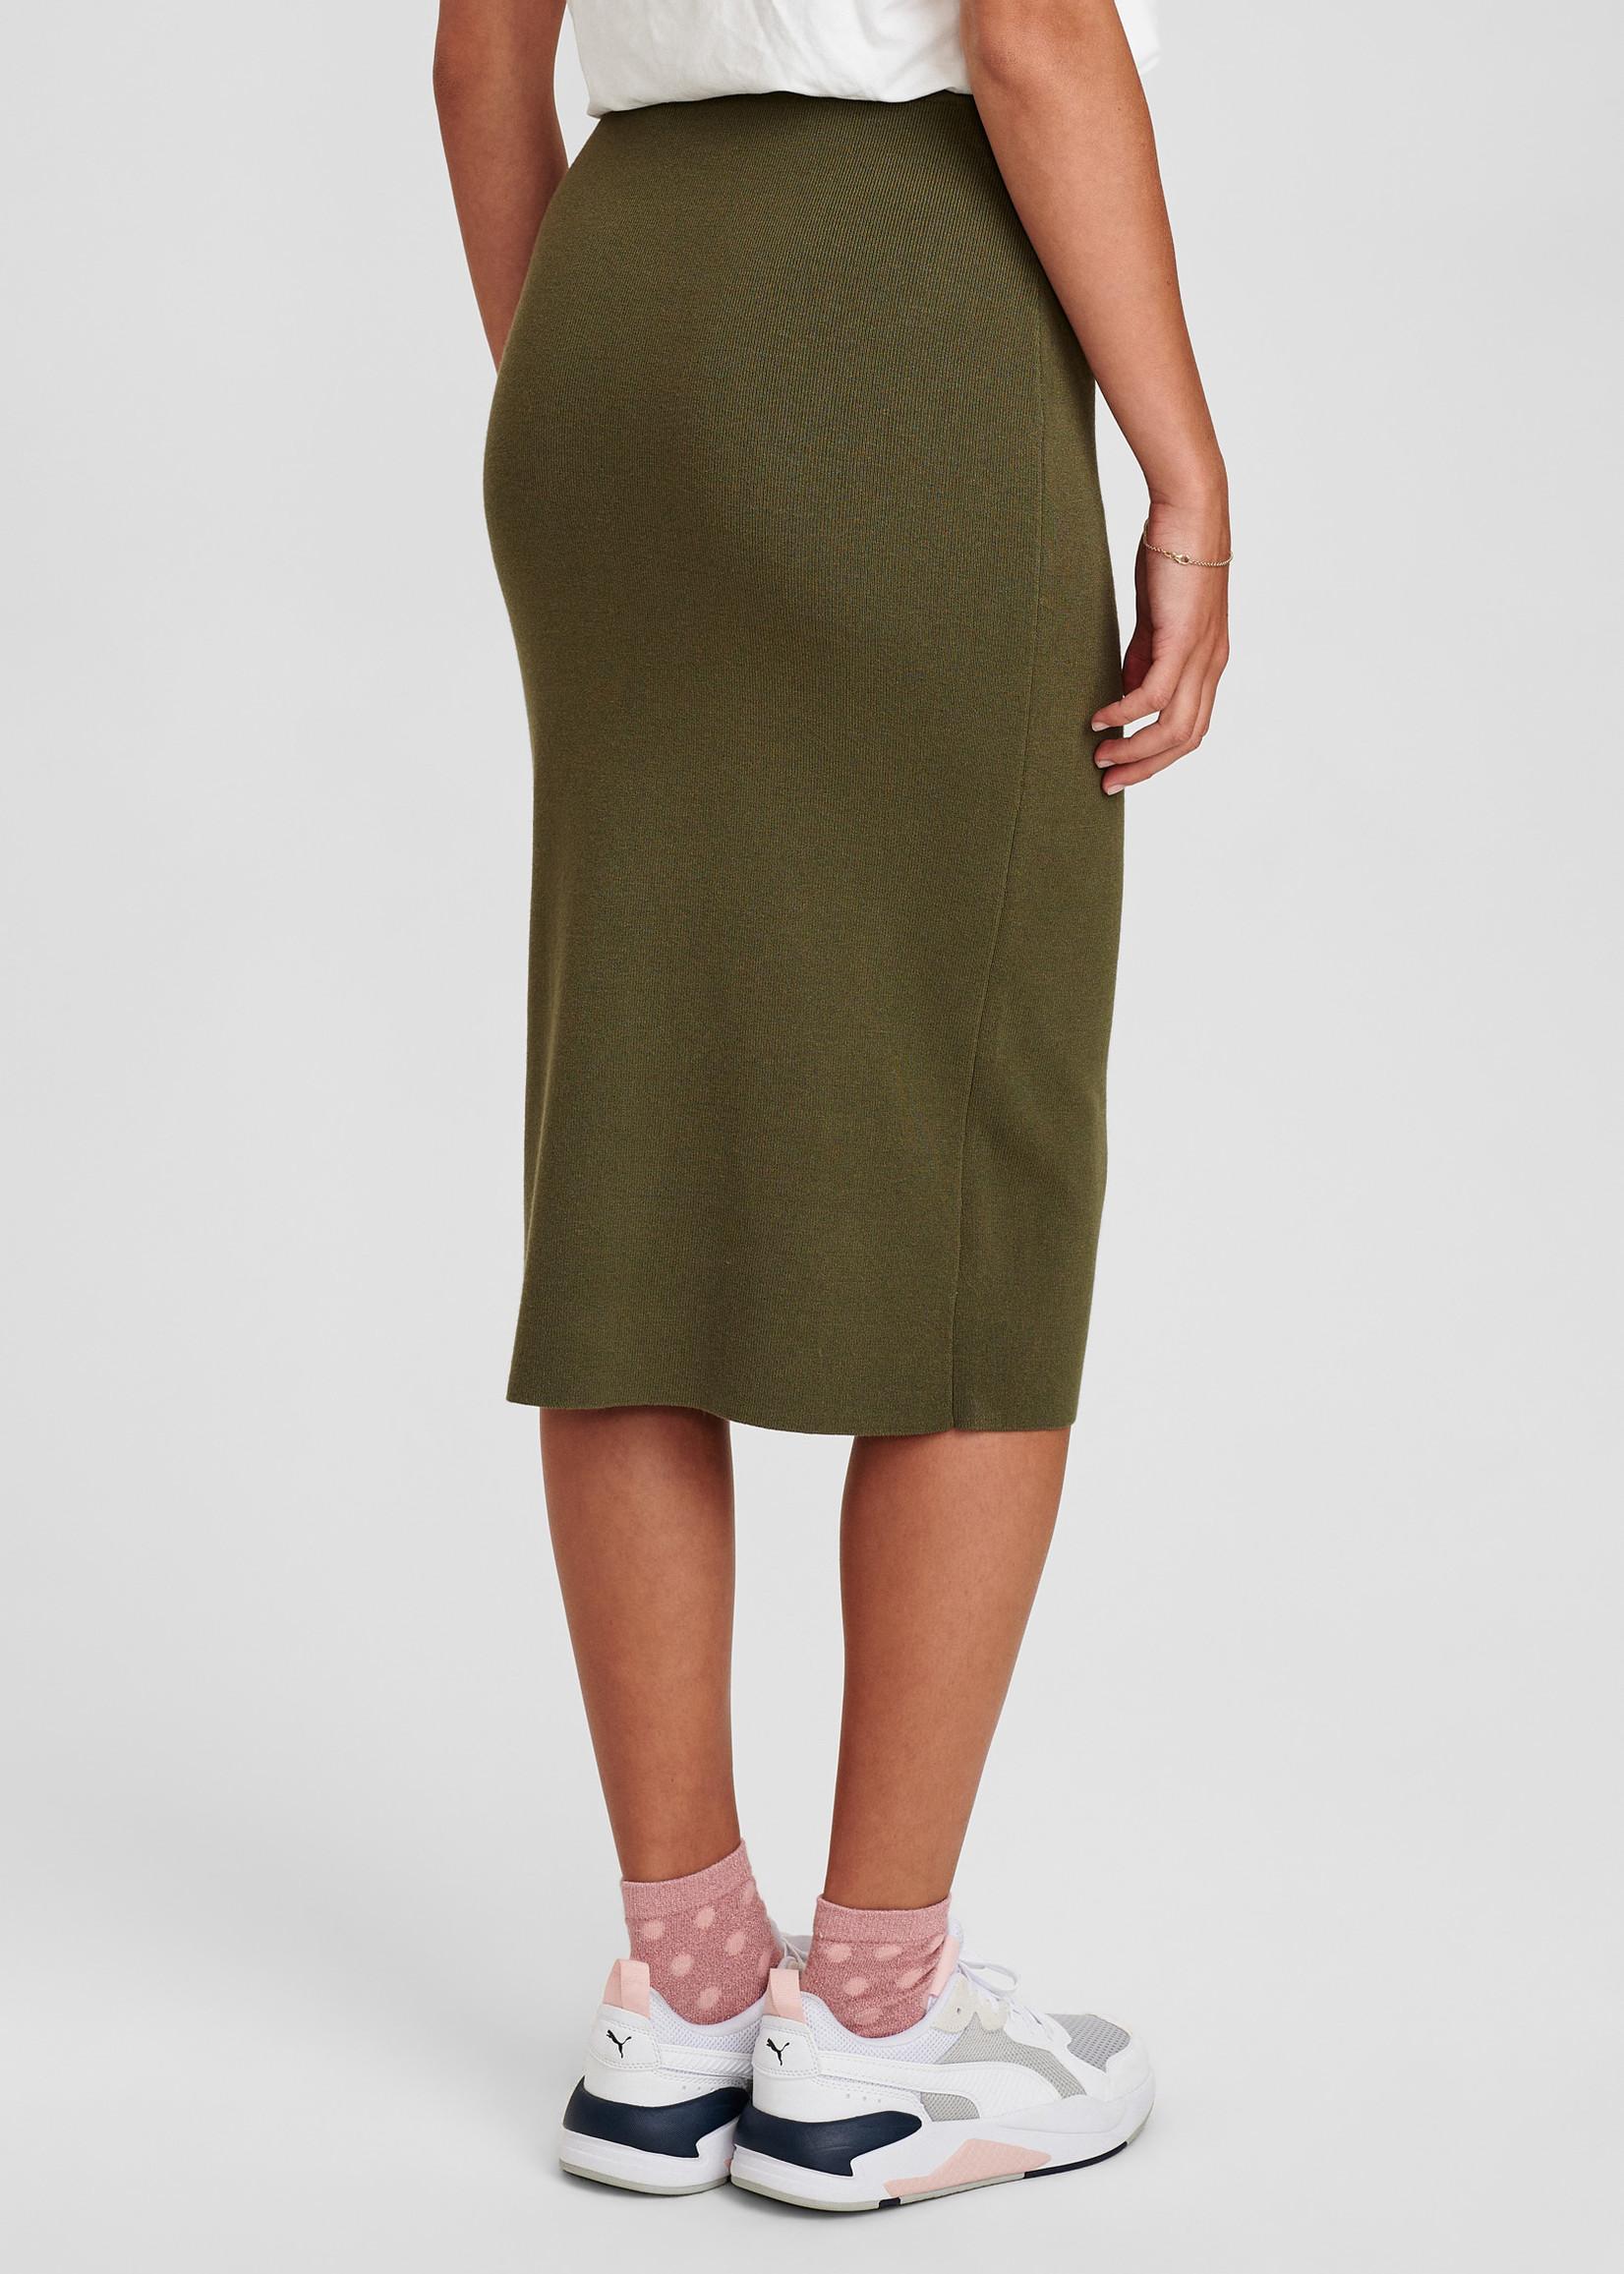 Numph Numalone Skirt